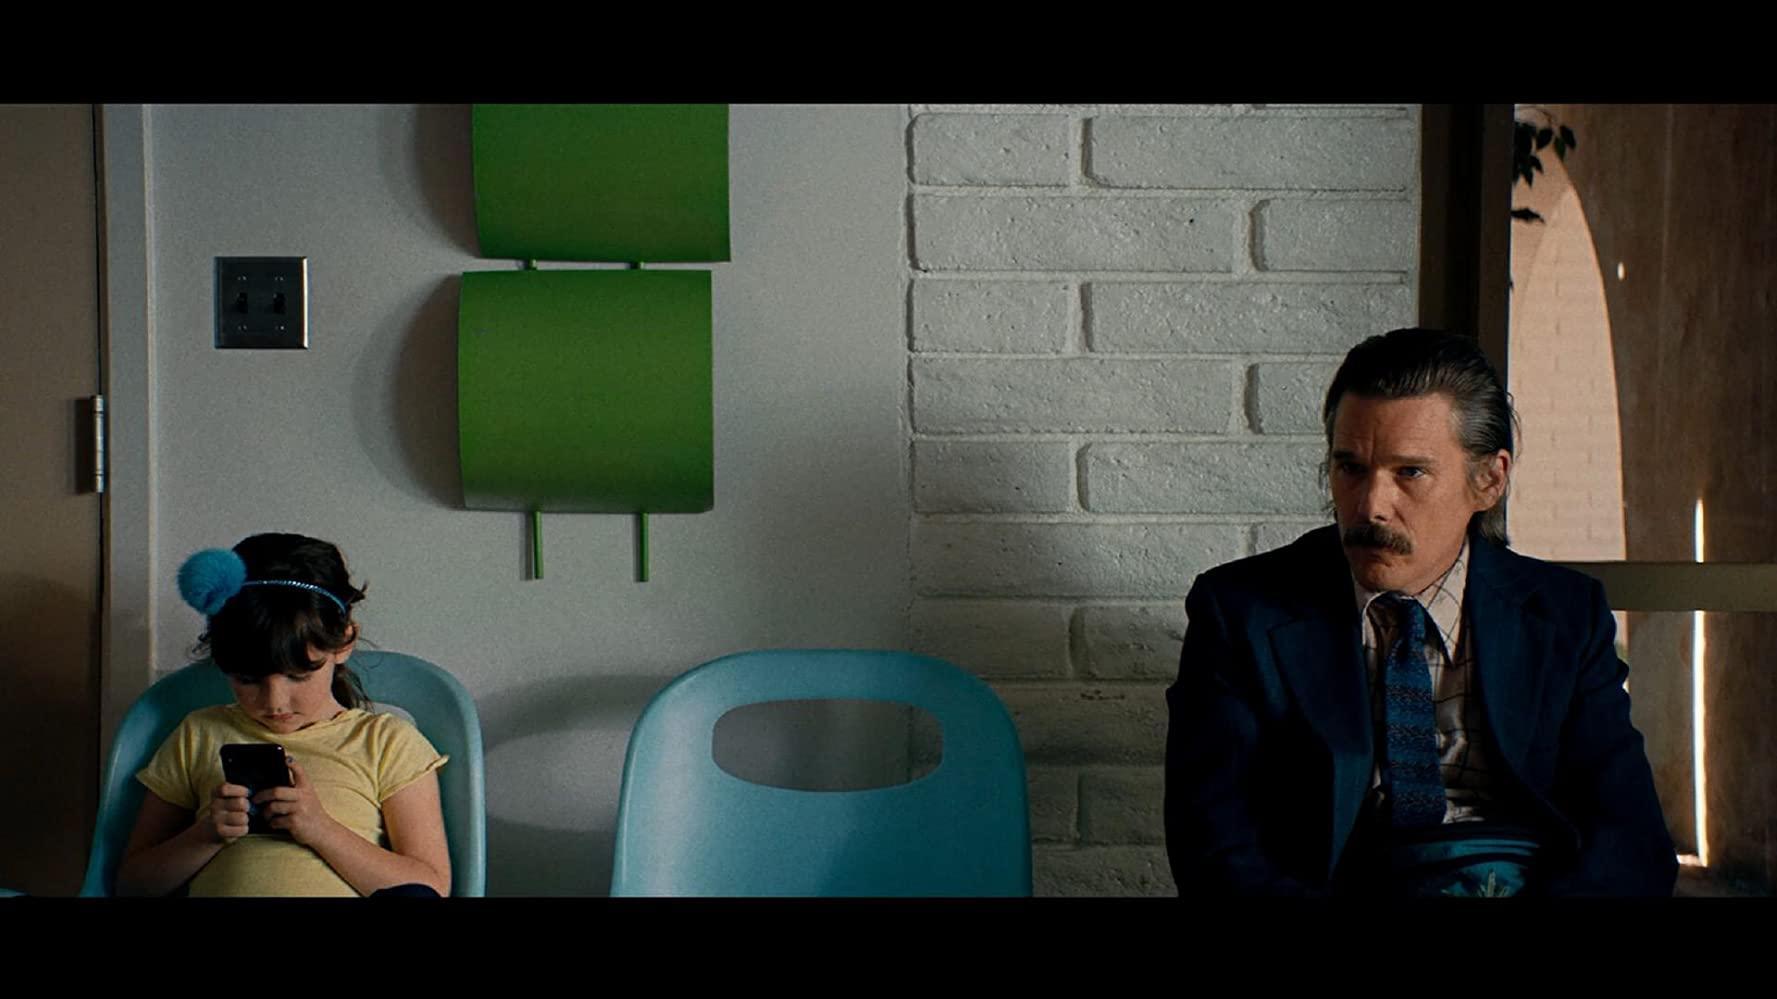 مشاهدة فيلم Adopt a Highway (2019) مترجم HD اون لاين